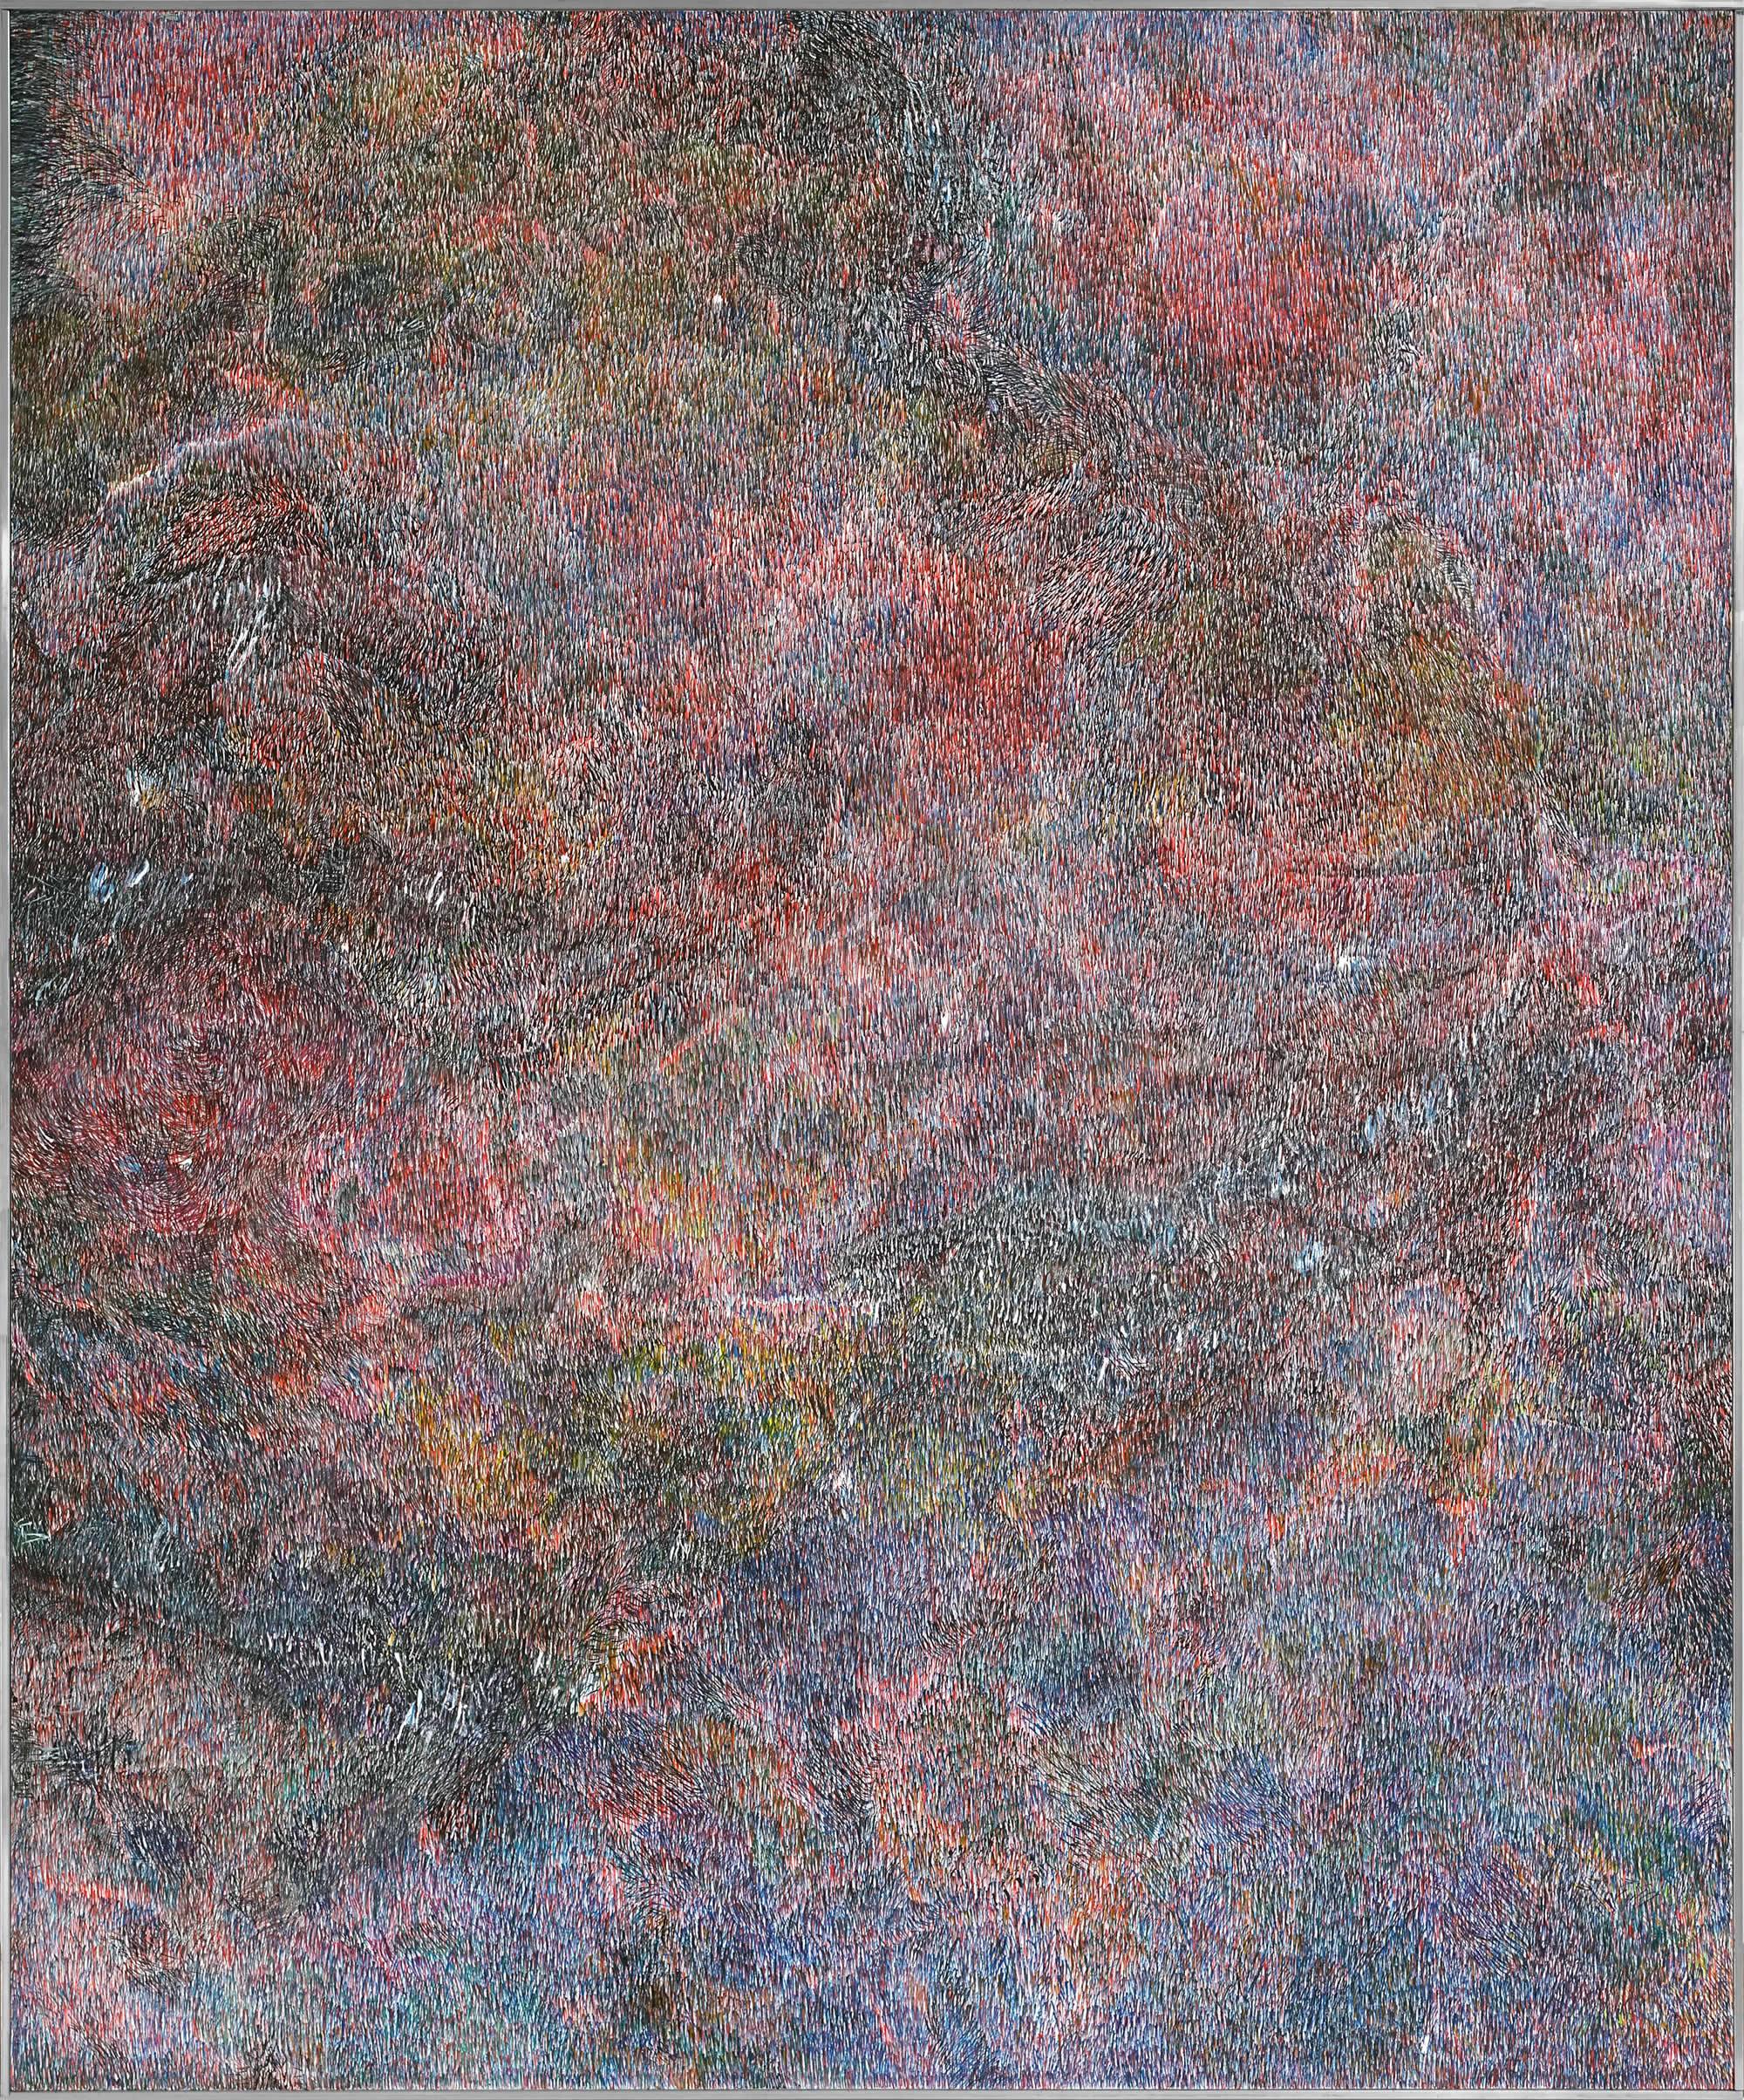 Linda Berger | Give me your eyes so you might see | 2019 | Tusche auf Papier kaschiert auf Holzplatte Aluleisten | 116,5x96,5cm | Strichwelten & Luftkörper | 2019-11 | Galerie3